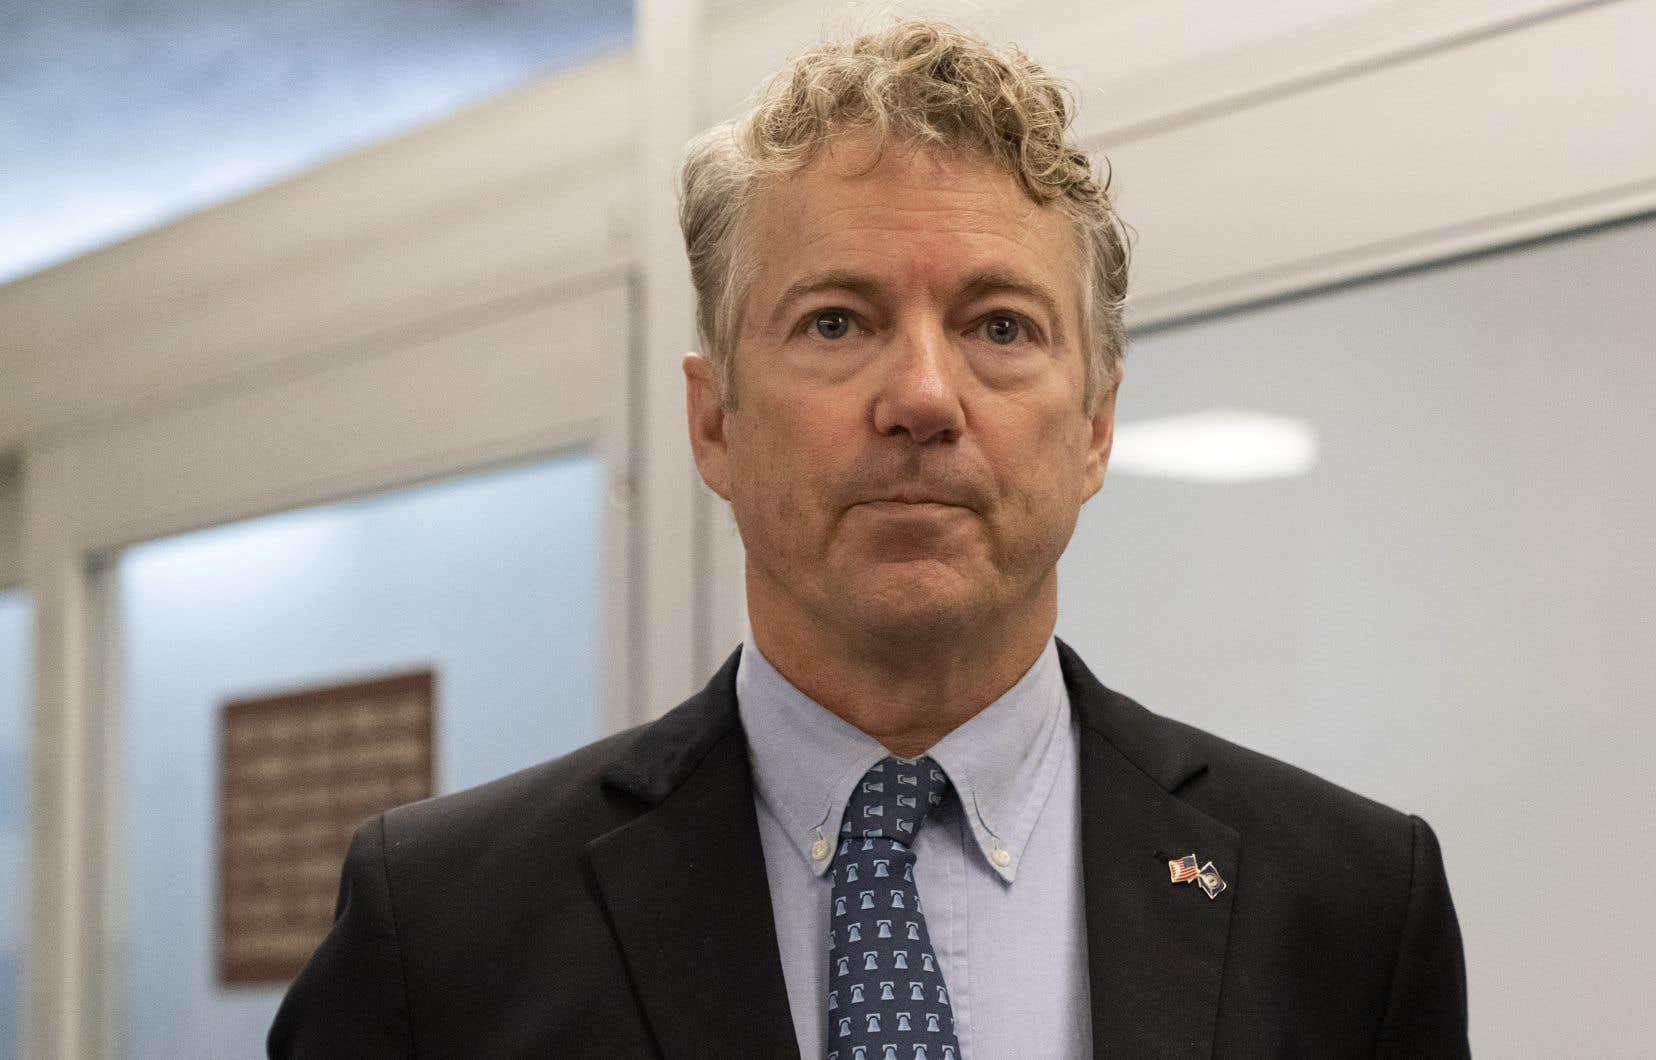 Le républicain sénateur républicain libertarien Rand Paul a fait valoir que ce procès en destitution de Donald Trump est anticonstitutionnel puisque le  milliardaire n'est plus en fonction.